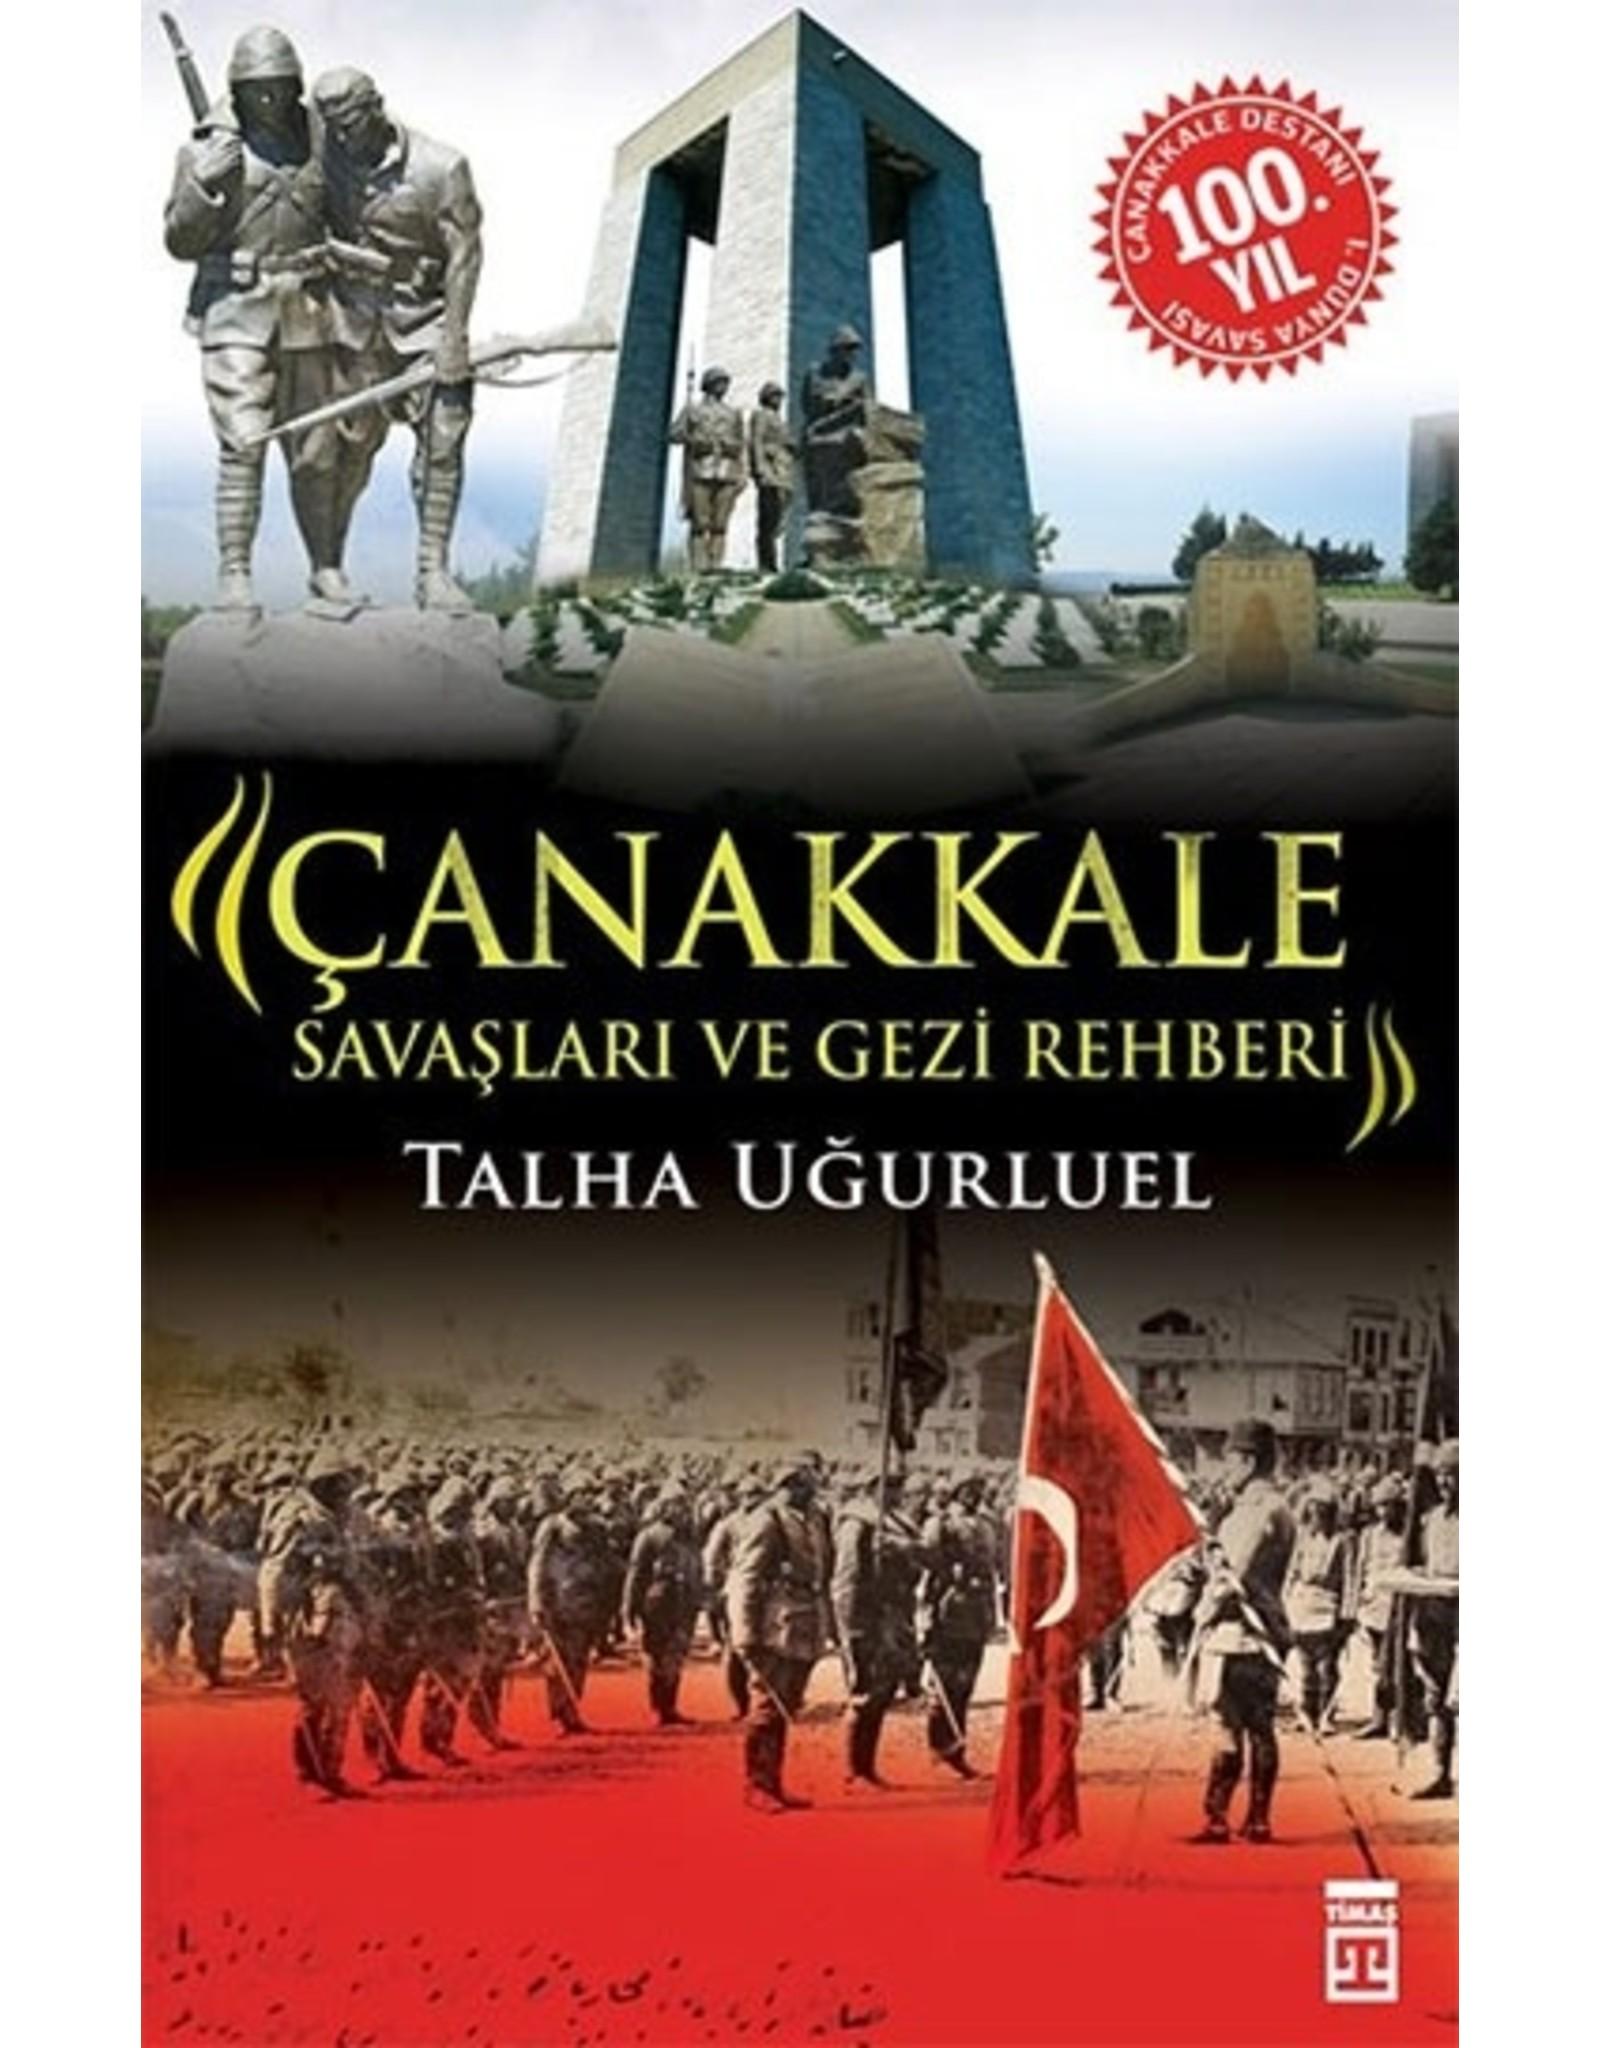 Talha Uğurluel Çanakkale Savaşları ve Gezi Rehberi